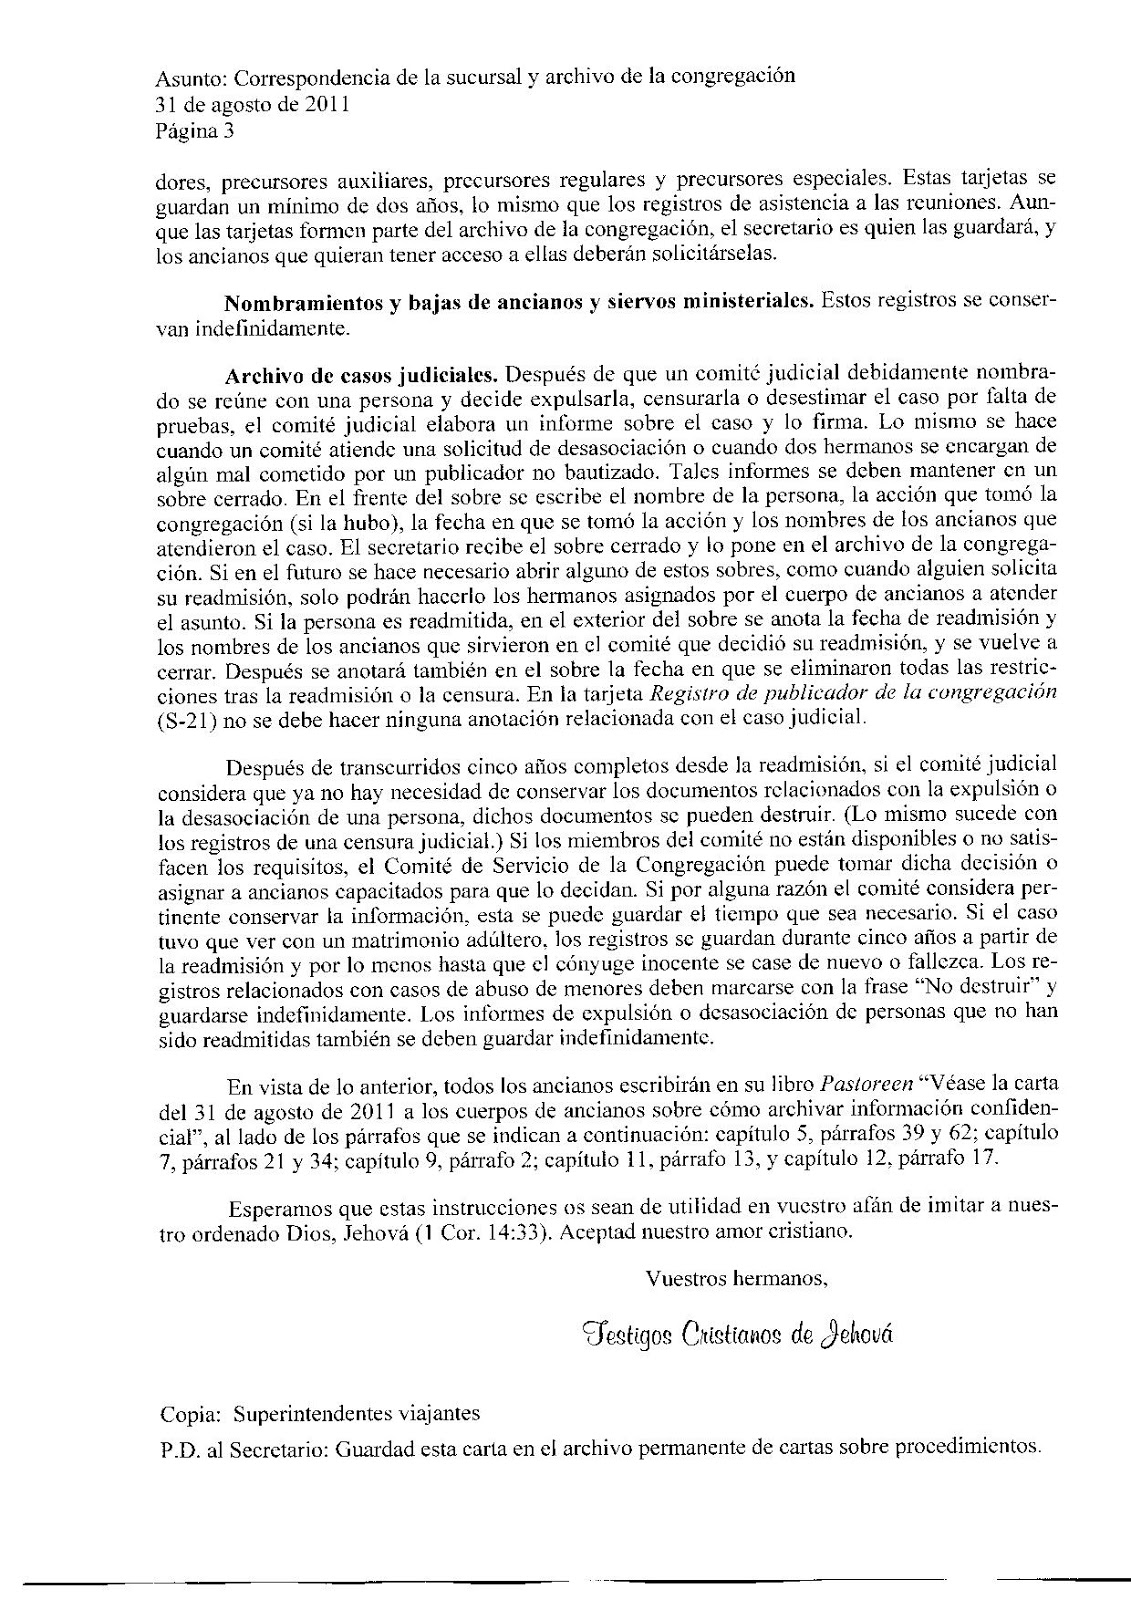 http://2.bp.blogspot.com/-P8hvDPBm6Ao/TnJsU_y9boI/AAAAAAAAHko/OLOXHwKflOk/s1600/CORRESPONDENCIA+SUCURSAL+Y+ARCHIVO+CONGREGACI%25C3%2593N-1%25C2%25AA+CARTA+31+AGOSTO+2011+3.jpg